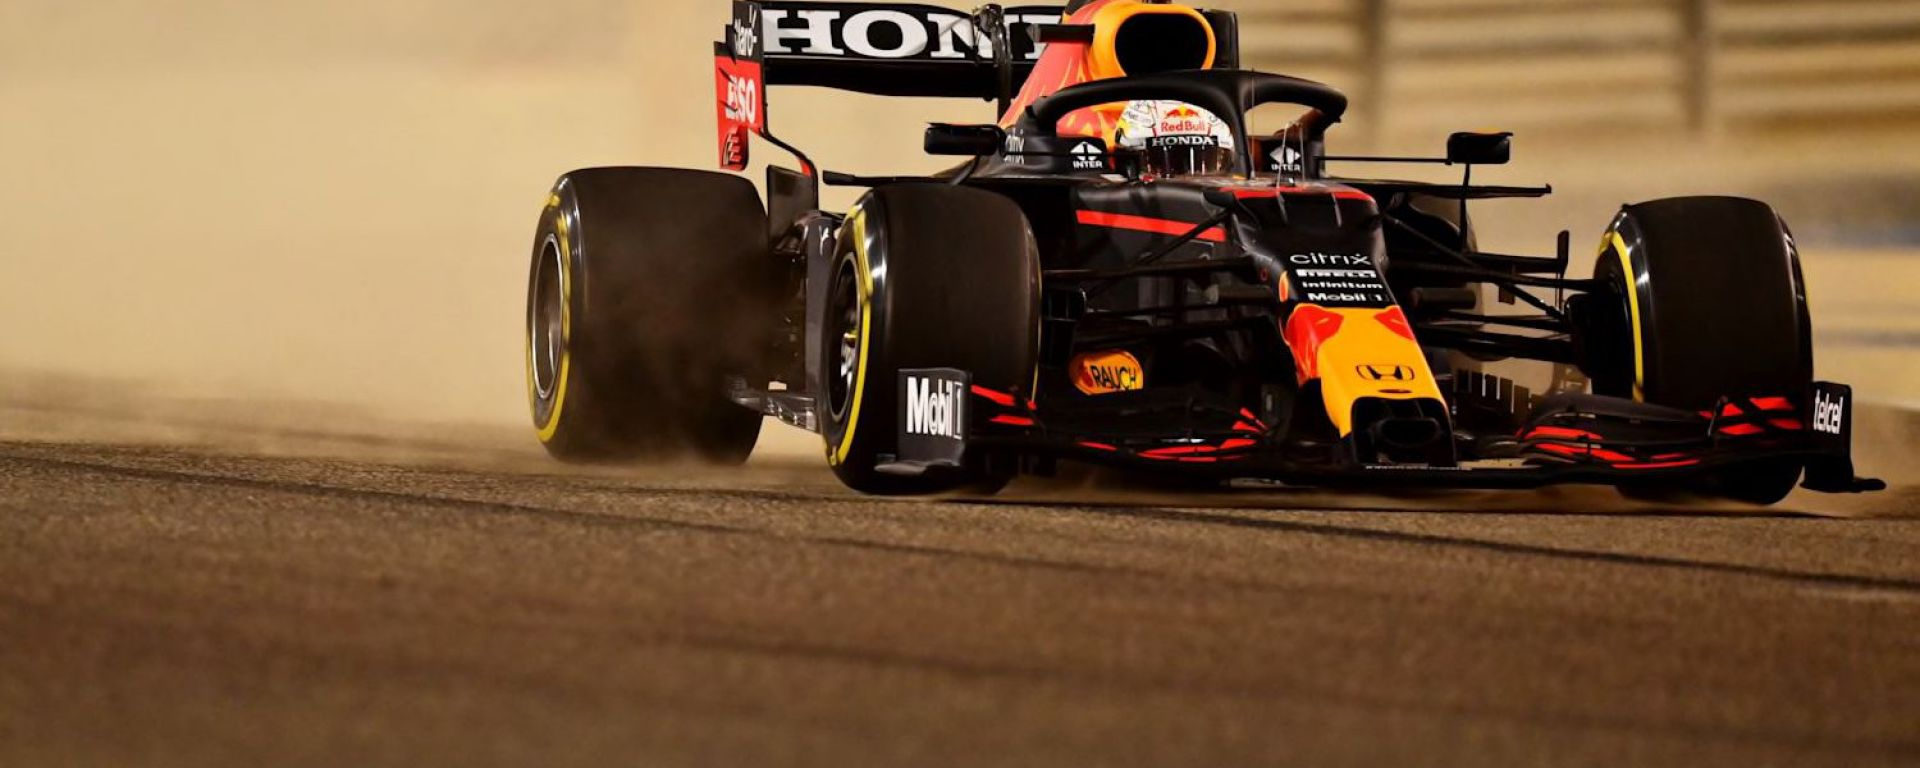 F1 Test Bahrain 2021, Sakhir: Max Verstappen (Red Bull Racing) in pista | Foto: Red Bull